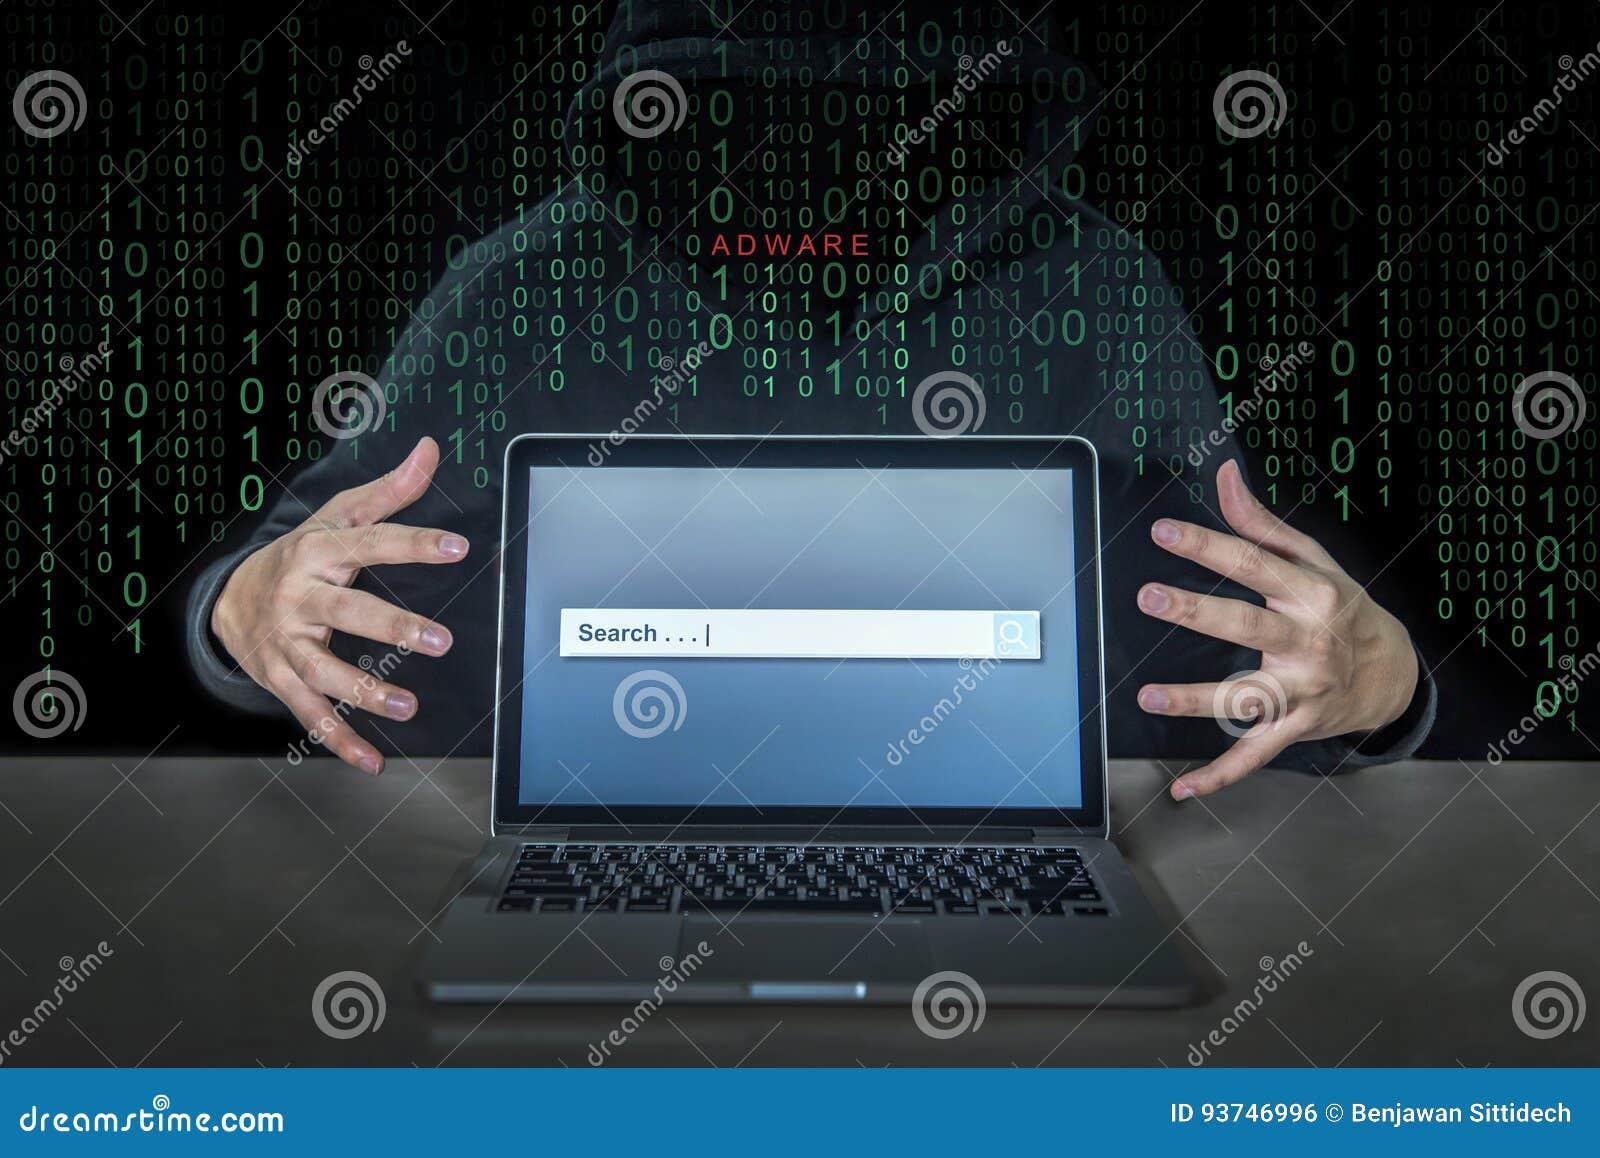 Hakker die adware vuurbol gebruiken om laptop computer te controleren